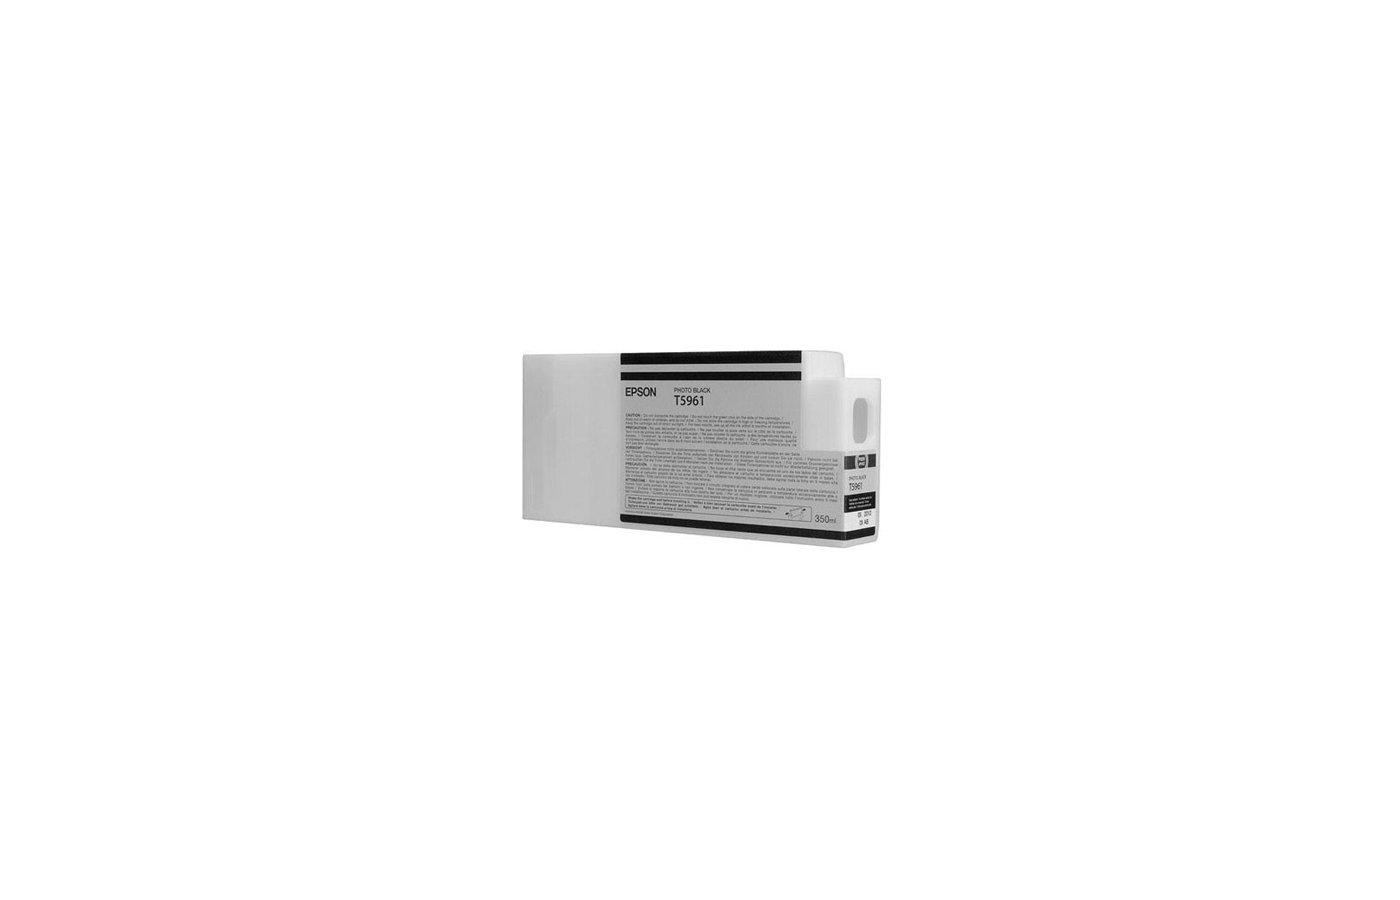 Картридж струйный Epson C13T596100 photo black для Stylus Pro 7900/9900 (350 мл)